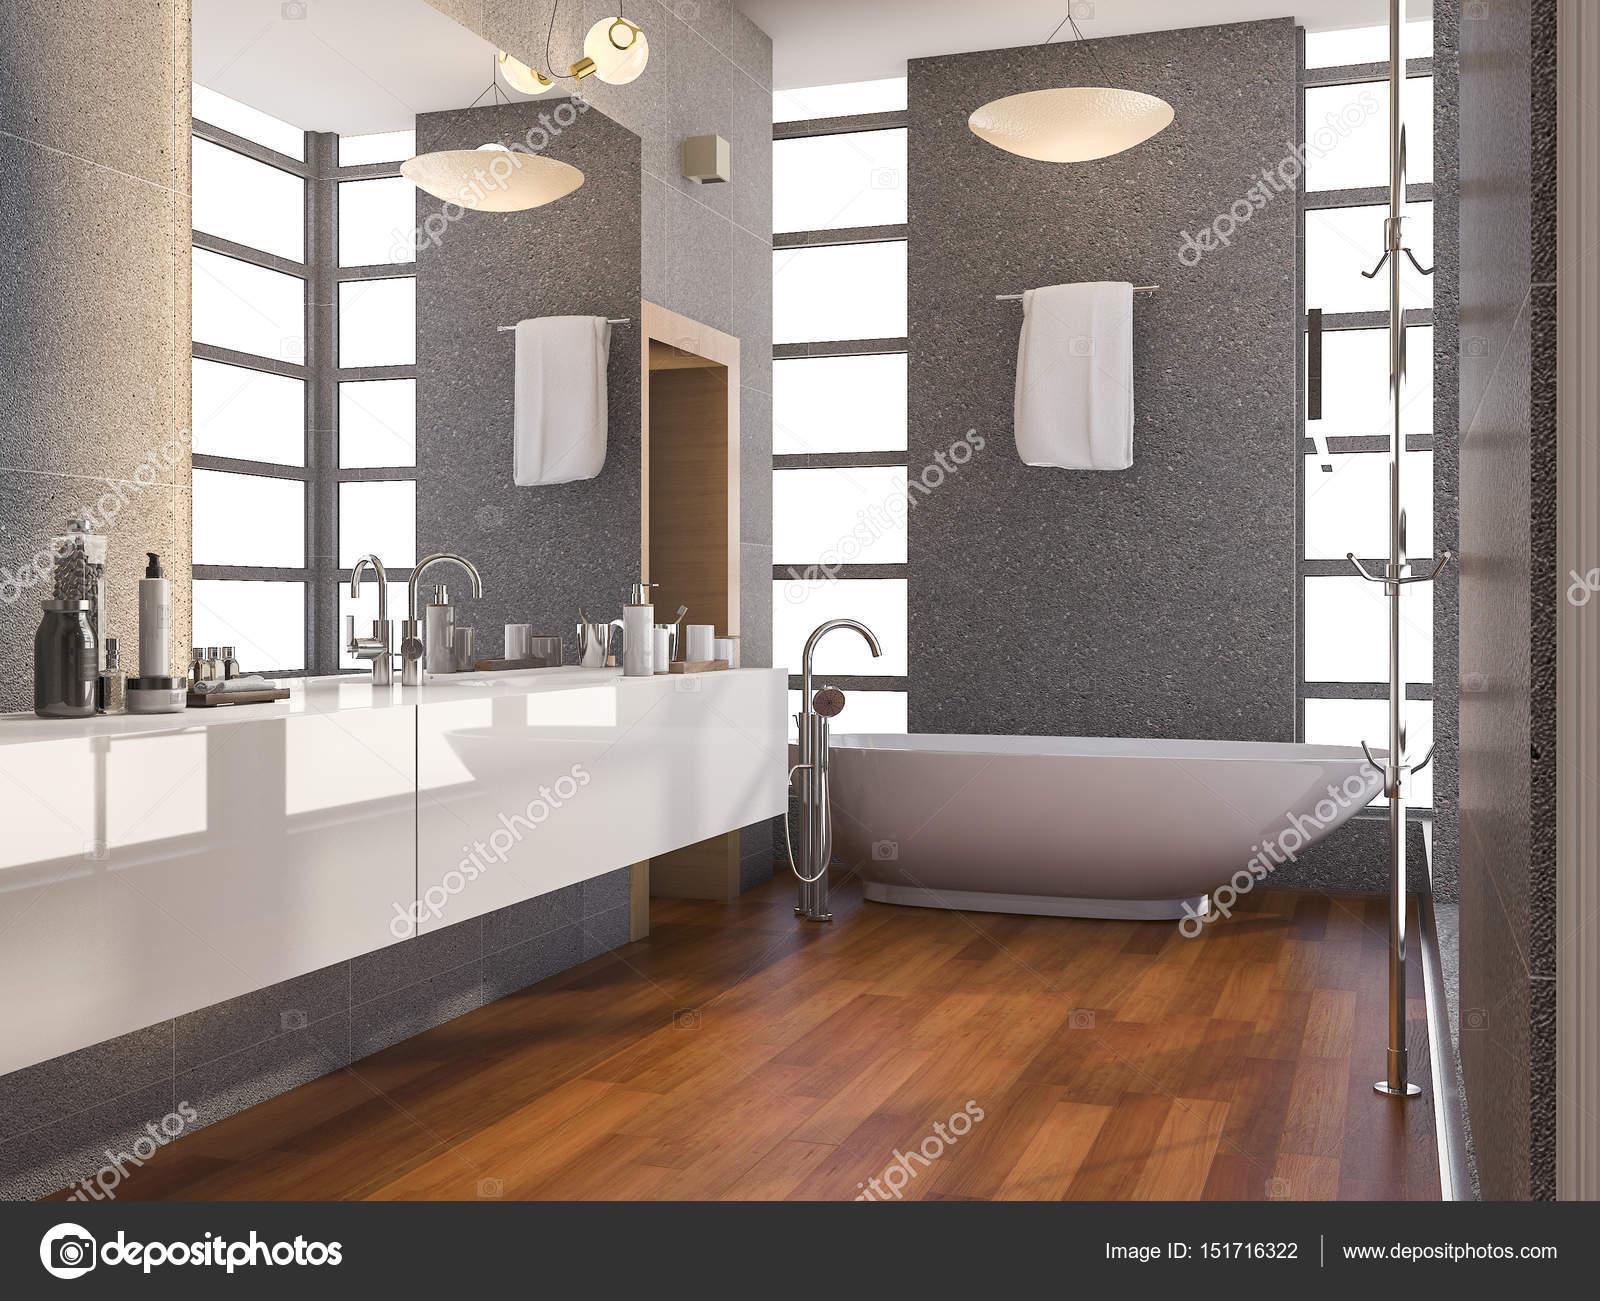 Badkamer Hout Natuursteen : D rendering hout moderne badkamer met venster en natuursteen